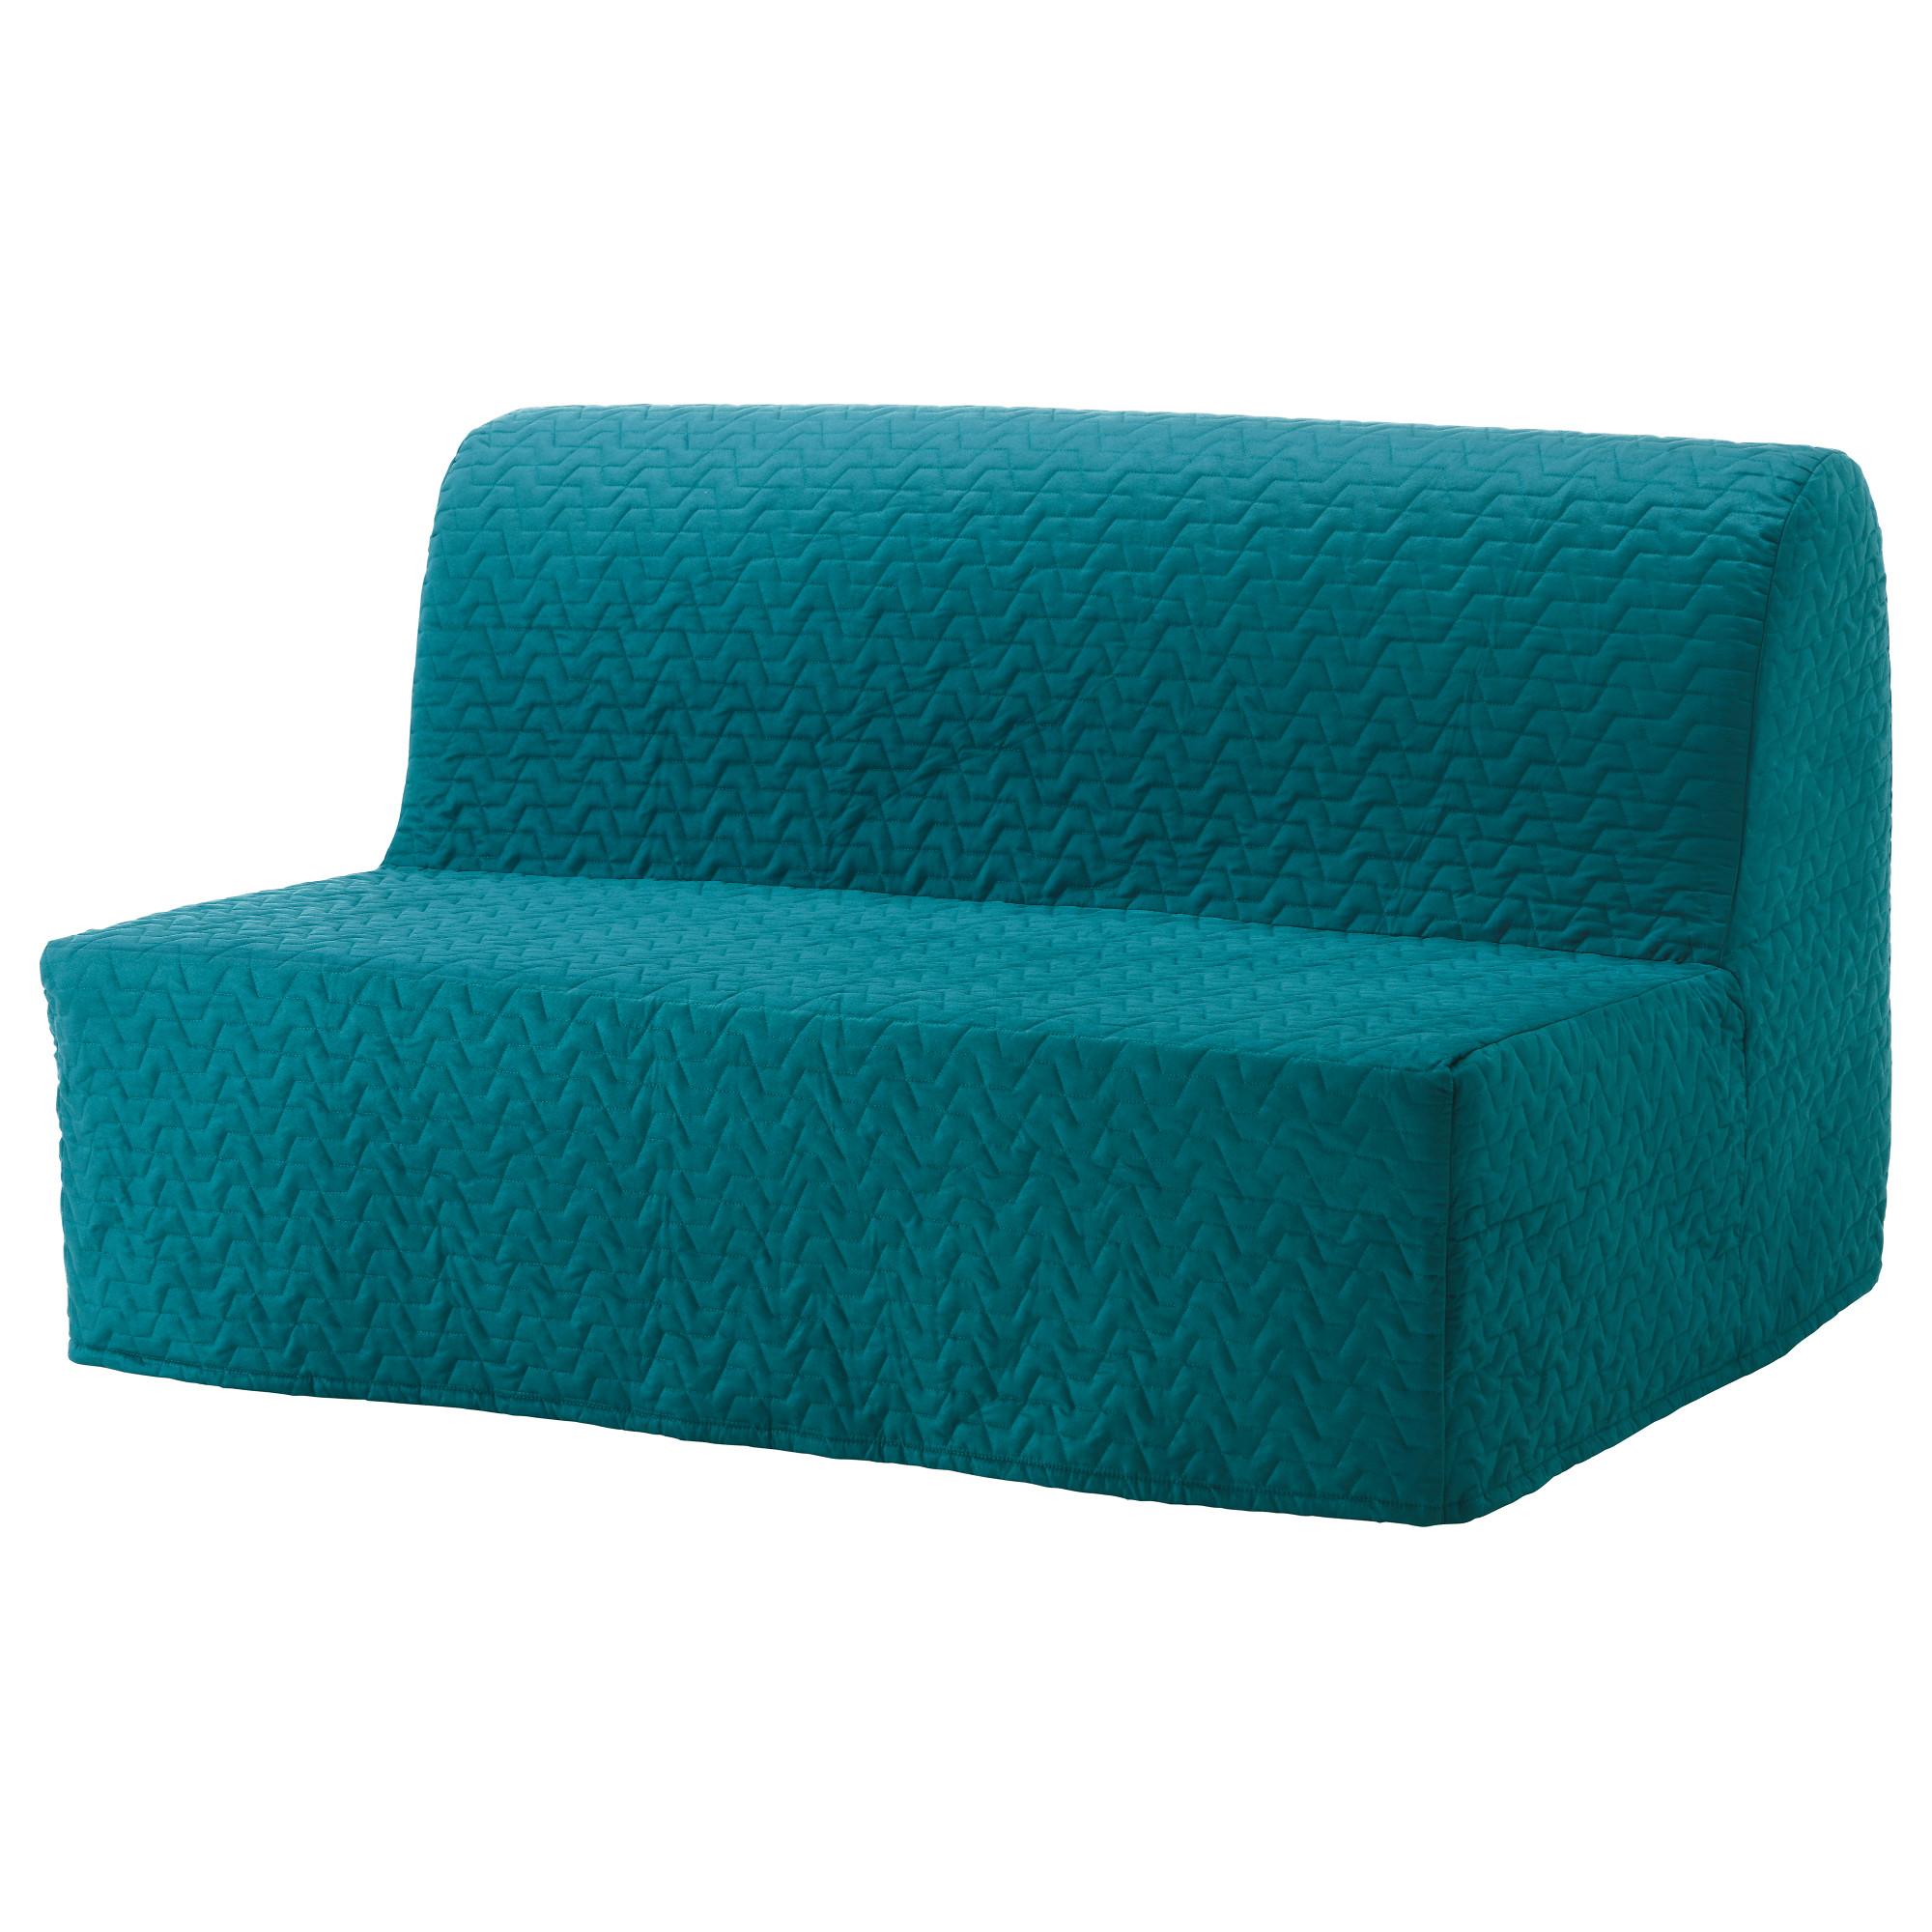 2-местный диван-кровать ЛИКСЕЛЕ ЛЁВОС, Валларум желтый